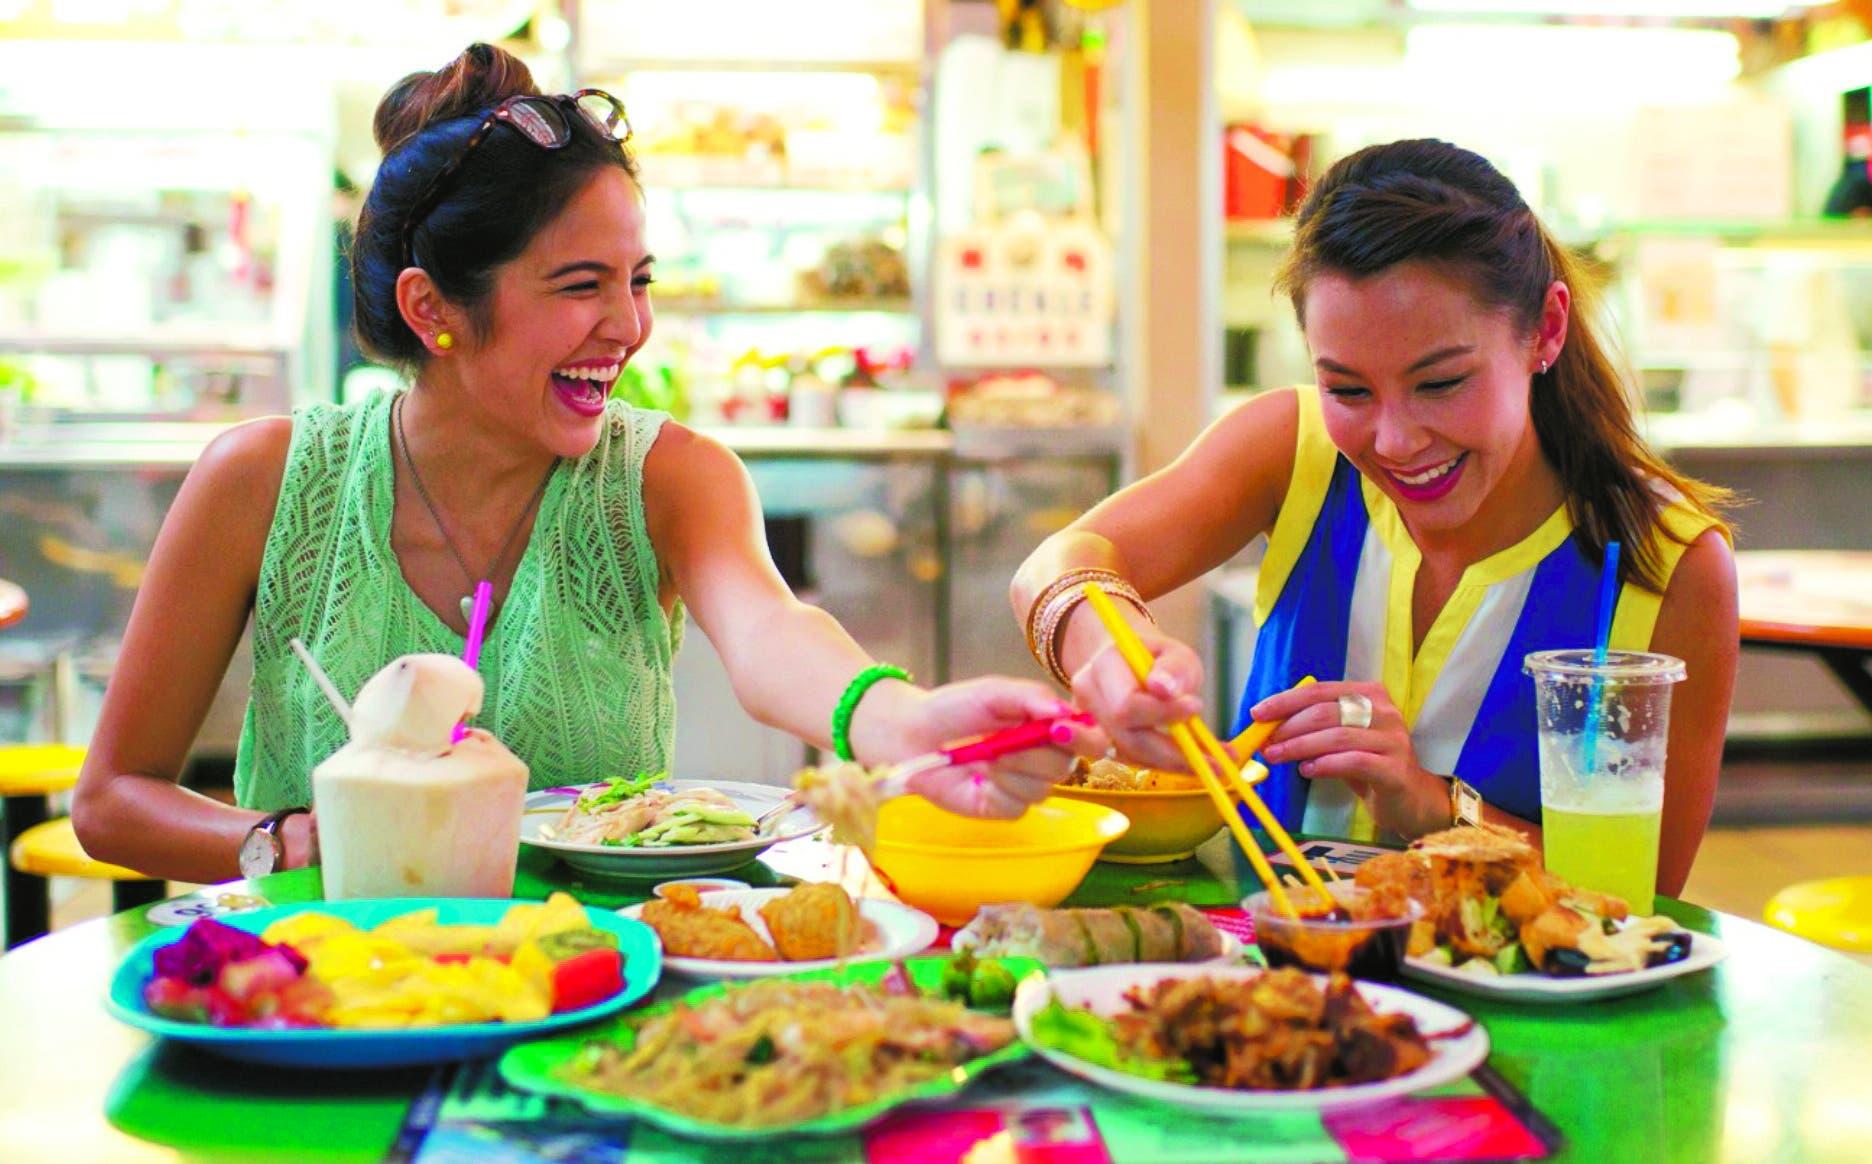 En esta temporada se suele ingerir alimentos recalentados,  sobre todo los que están condimentados con mayonesa, y comer comidas recalentadas.